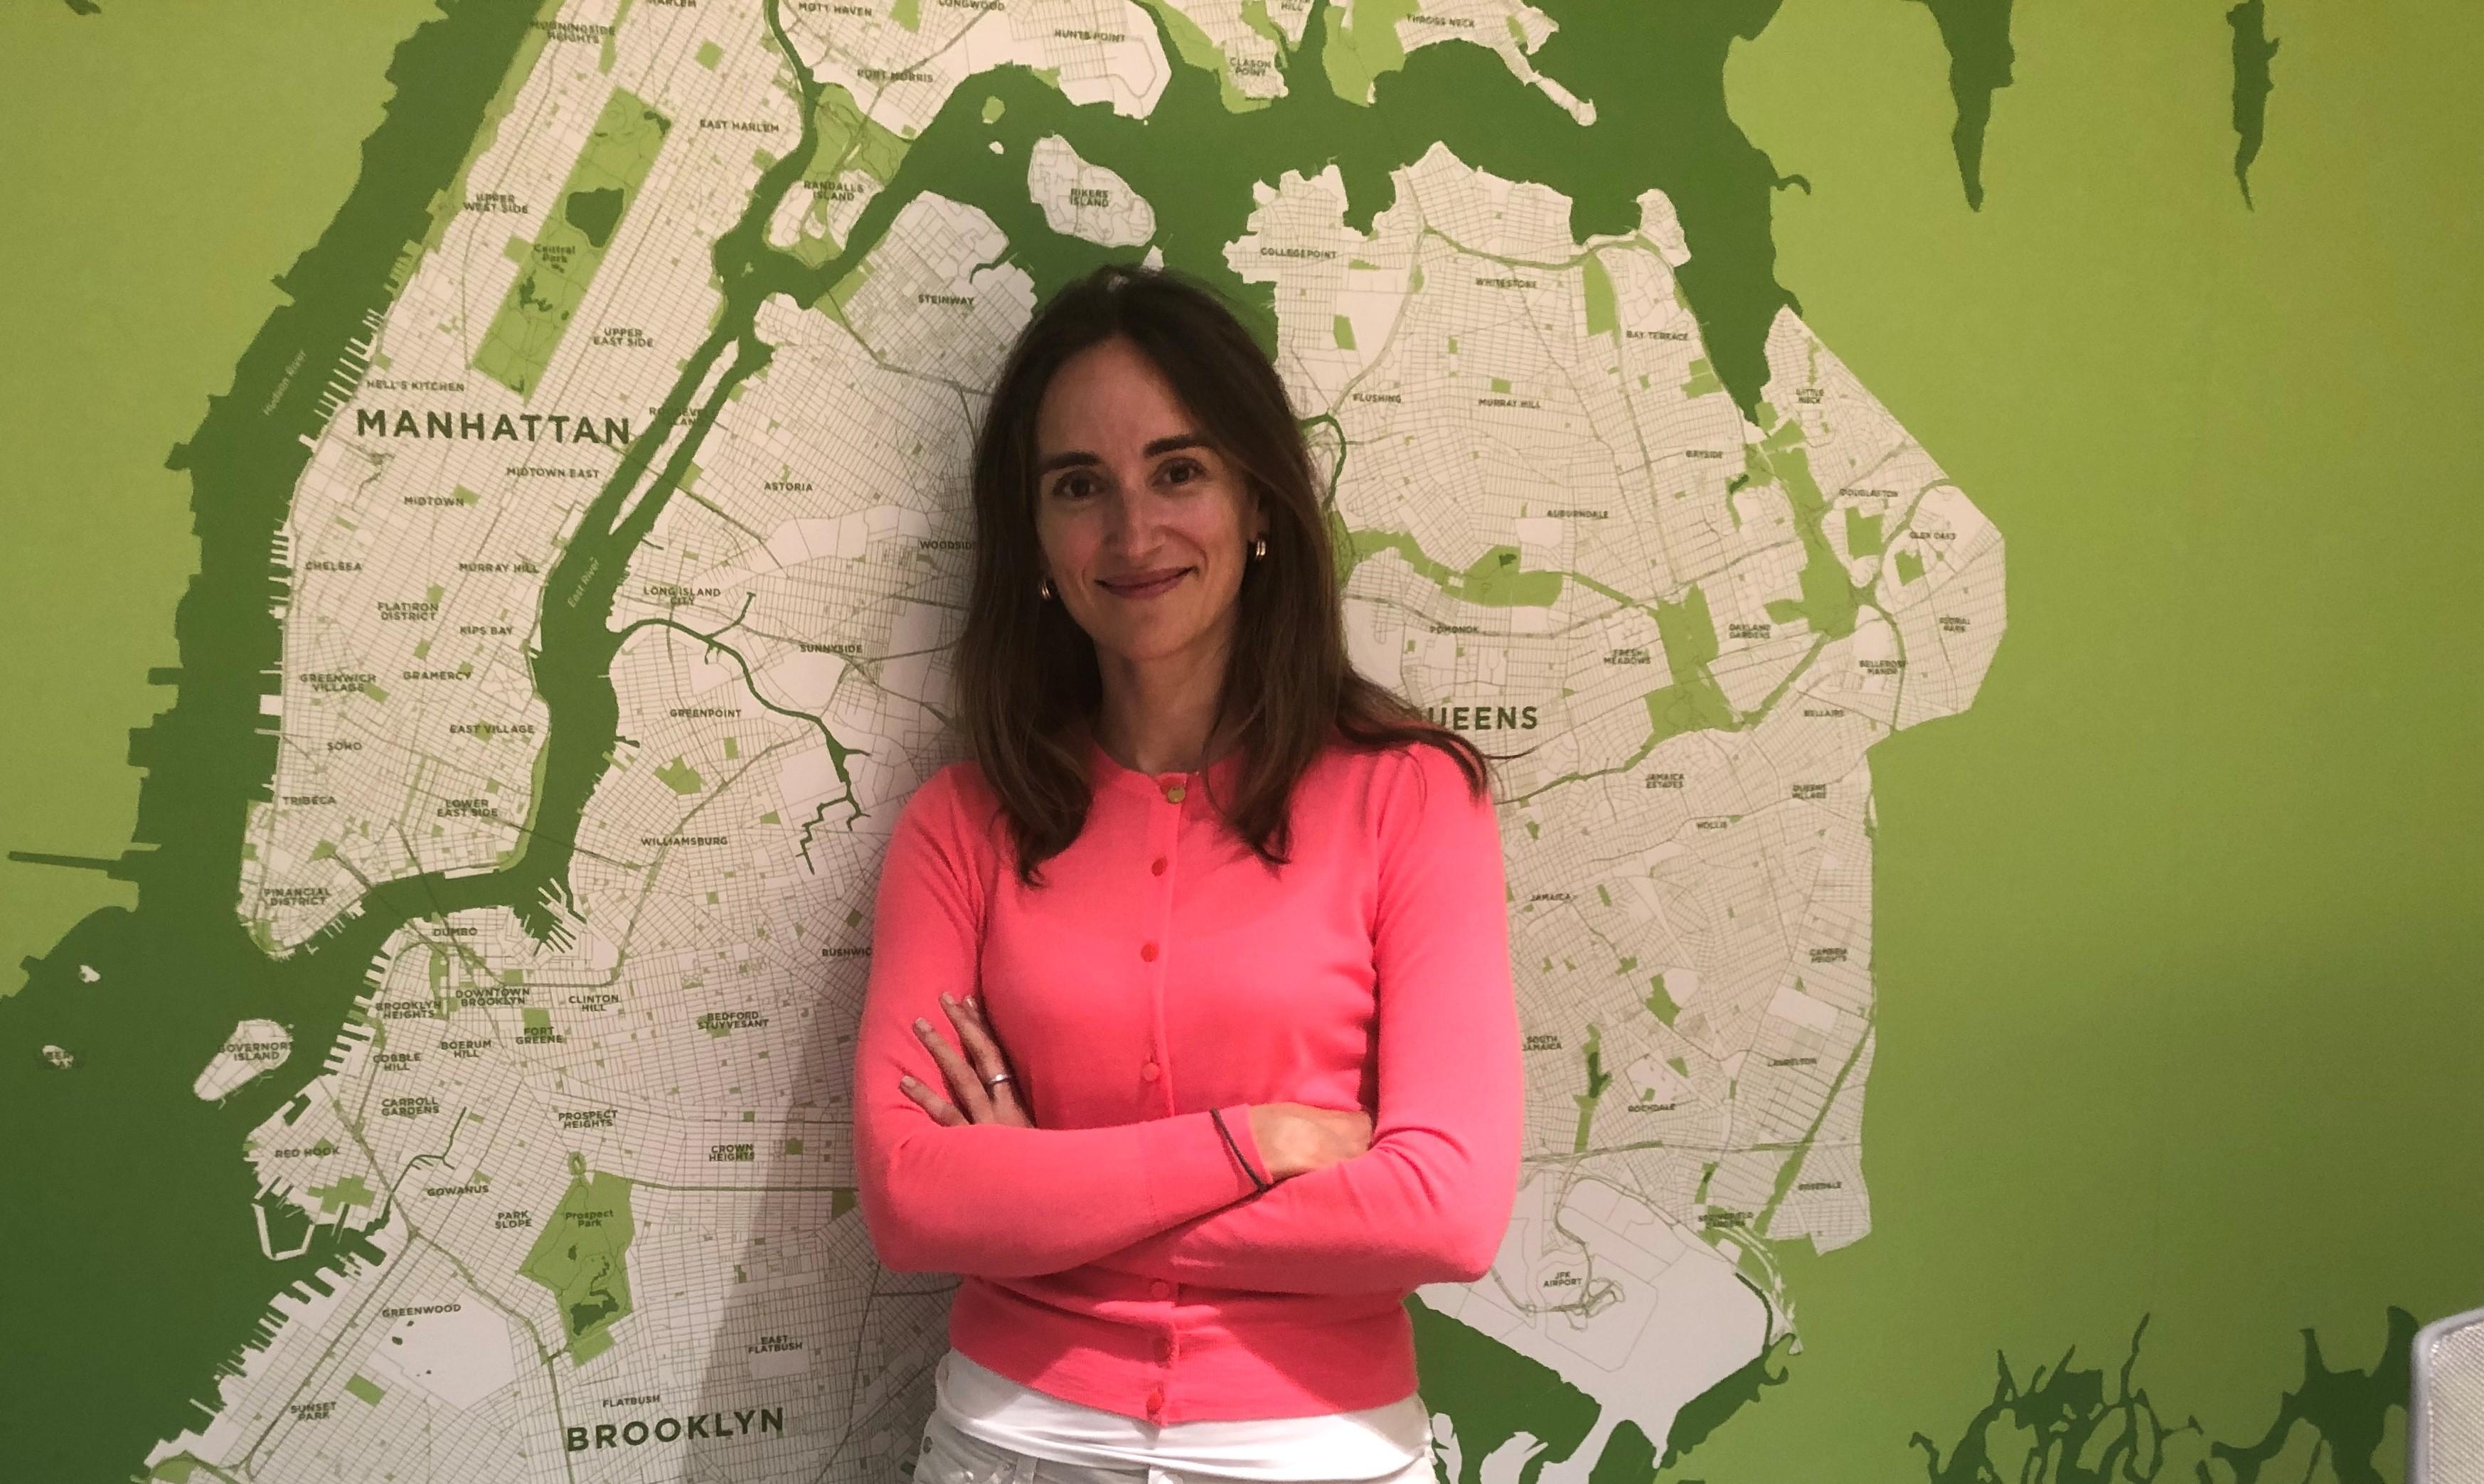 Ana Ariño, vicepresidente esecutivo dell'Agenzia per lo sviluppo economico di New York